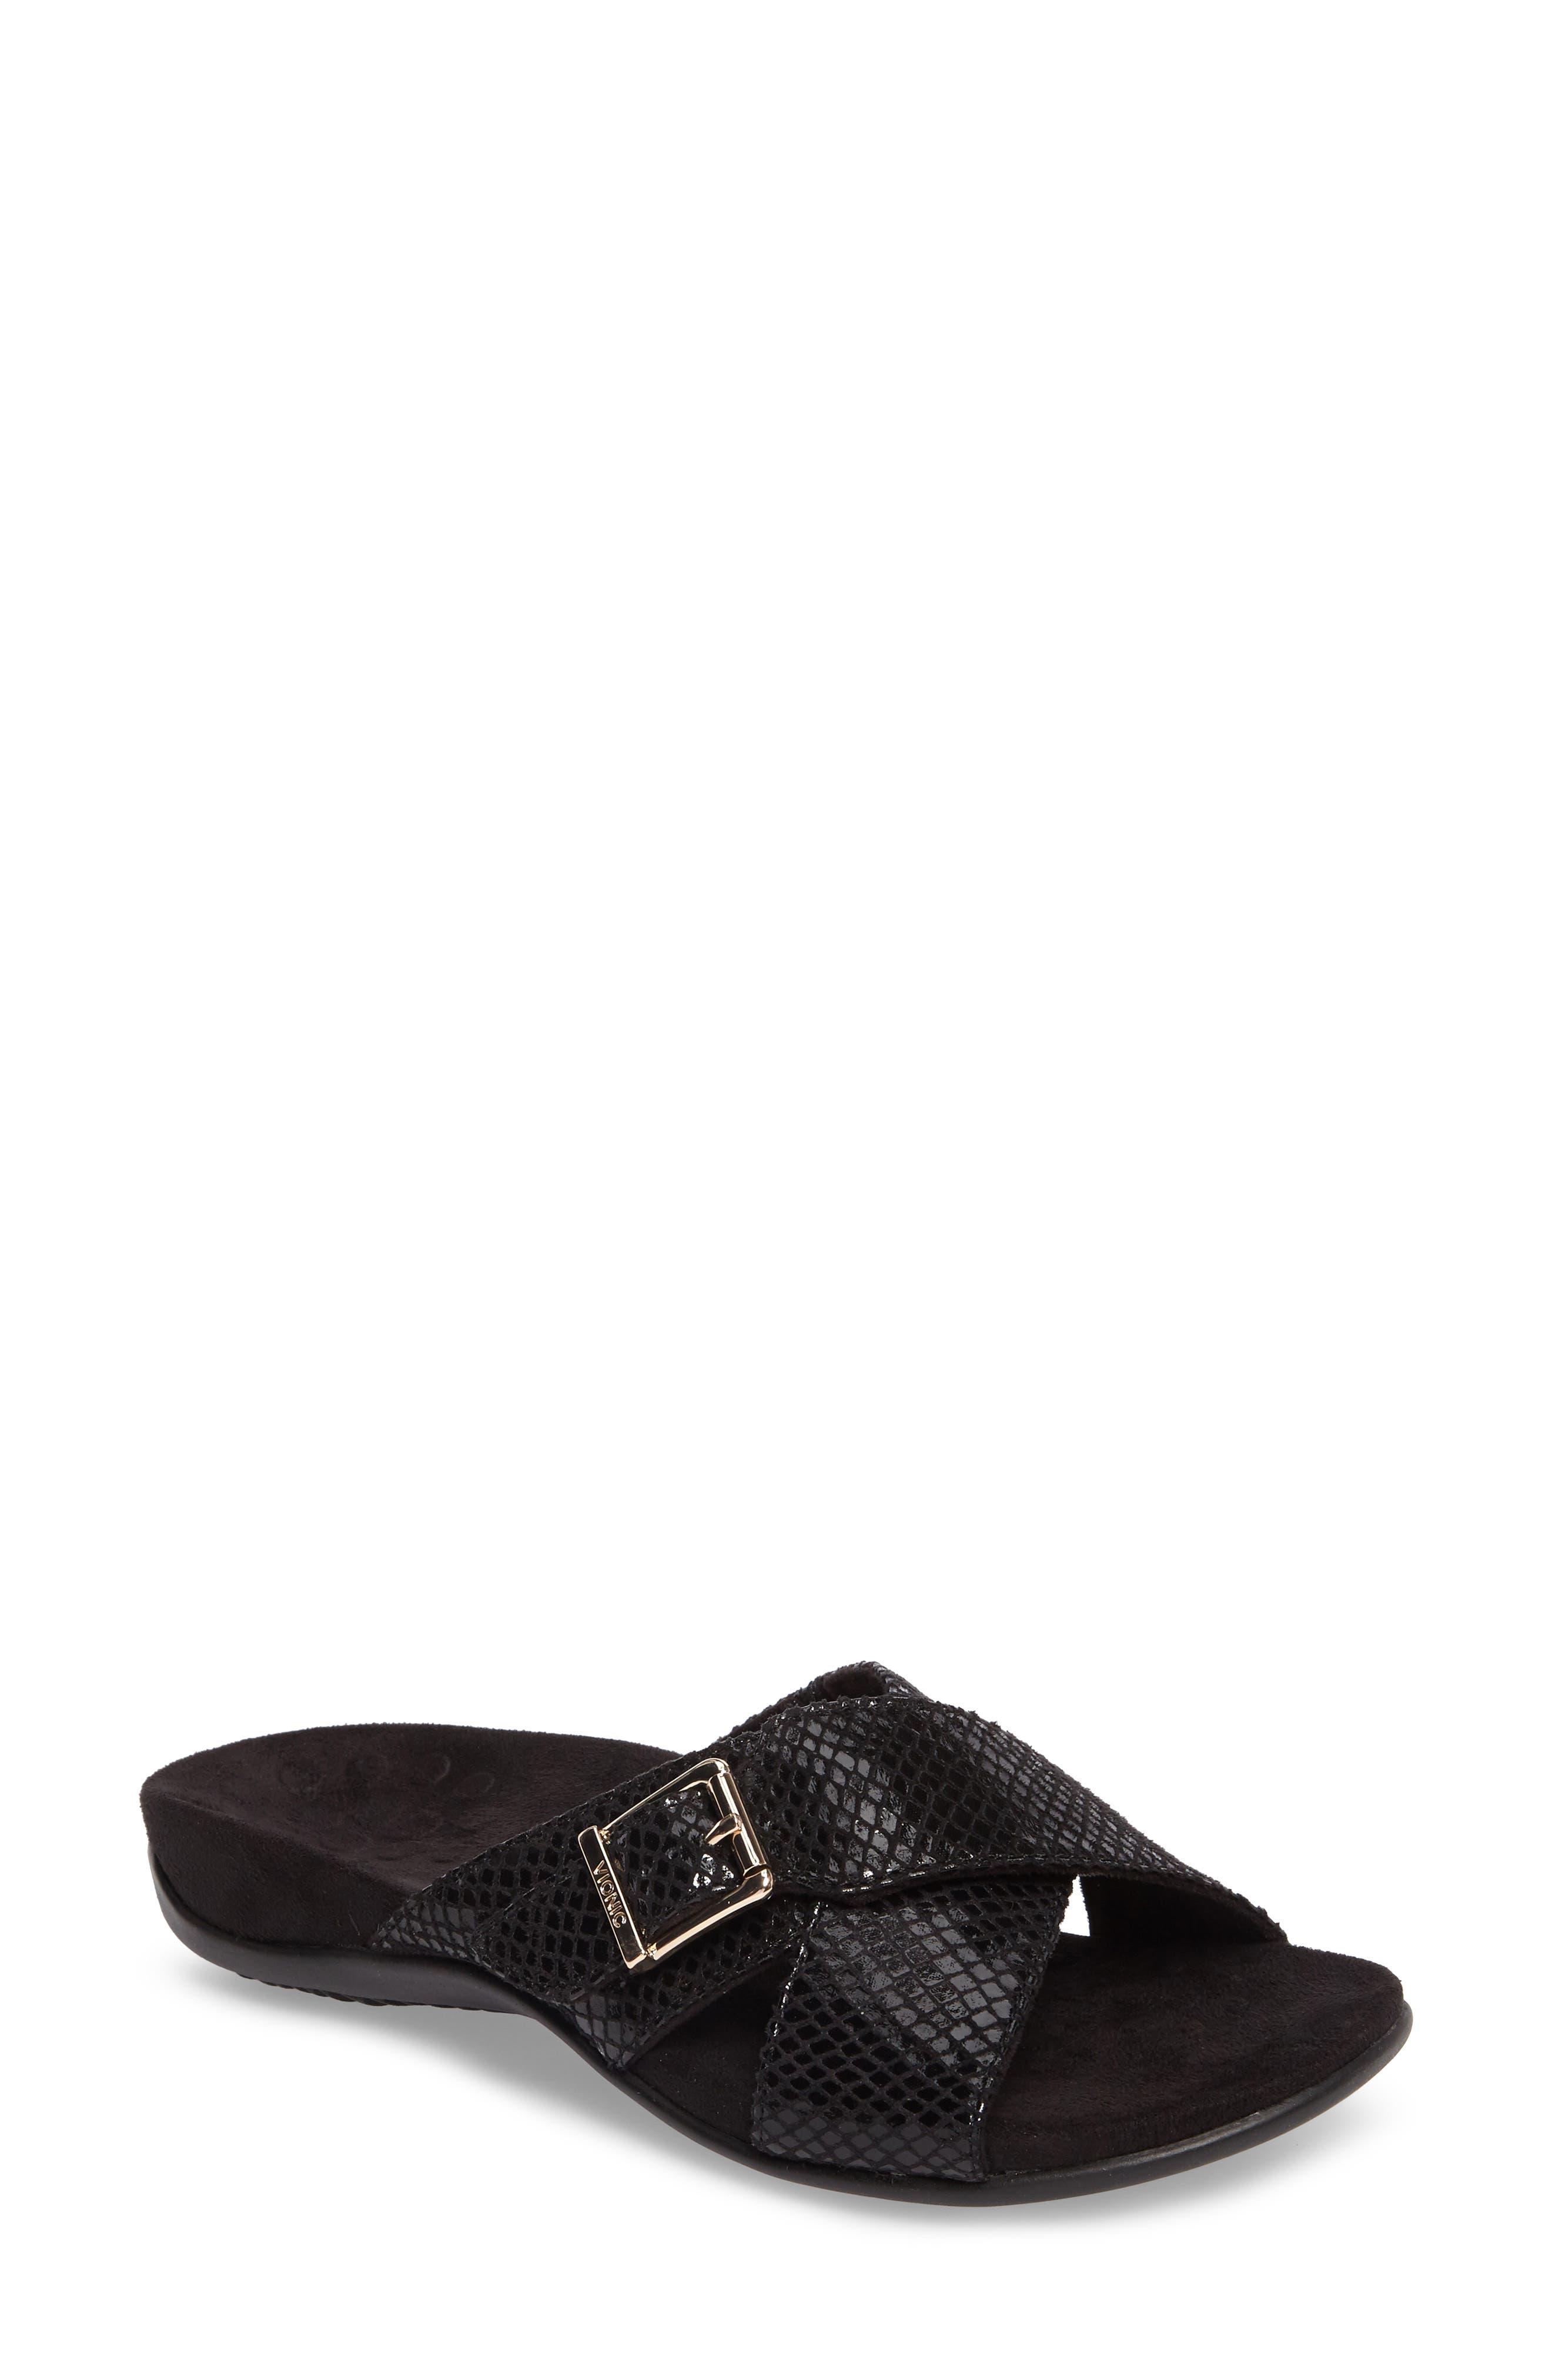 Main Image - Vionic Dorie Cross Strap Slide Sandal (Women)